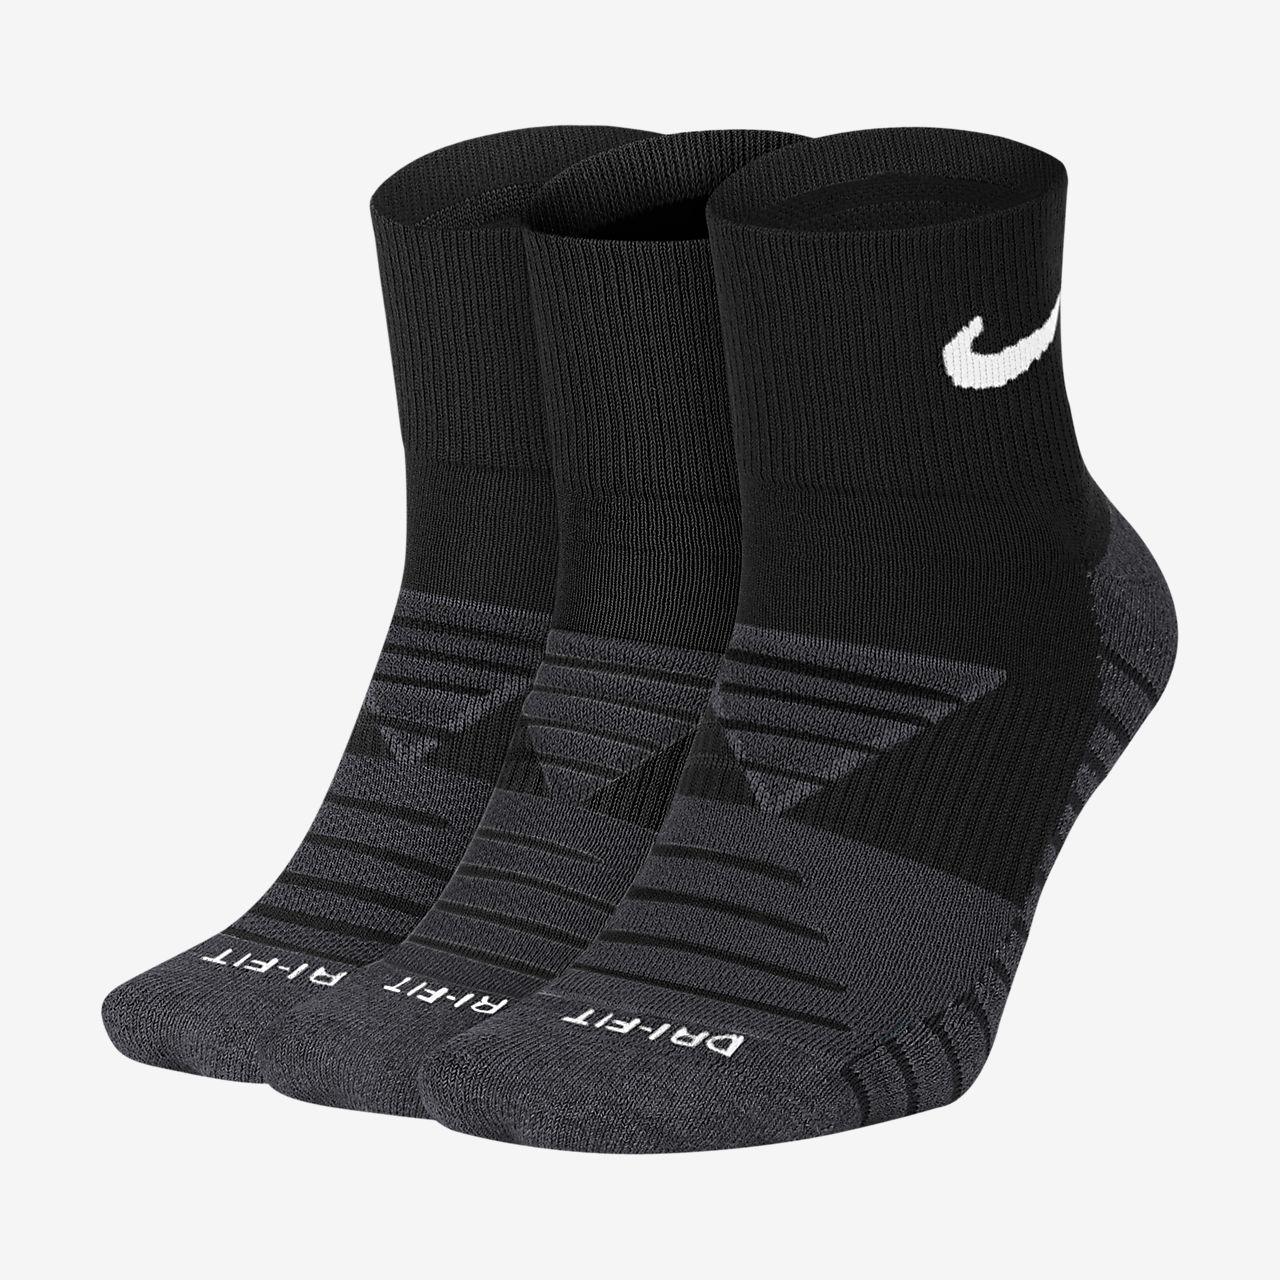 Chaussettes de training Nike Dry Cushion Quarter (3 paires)